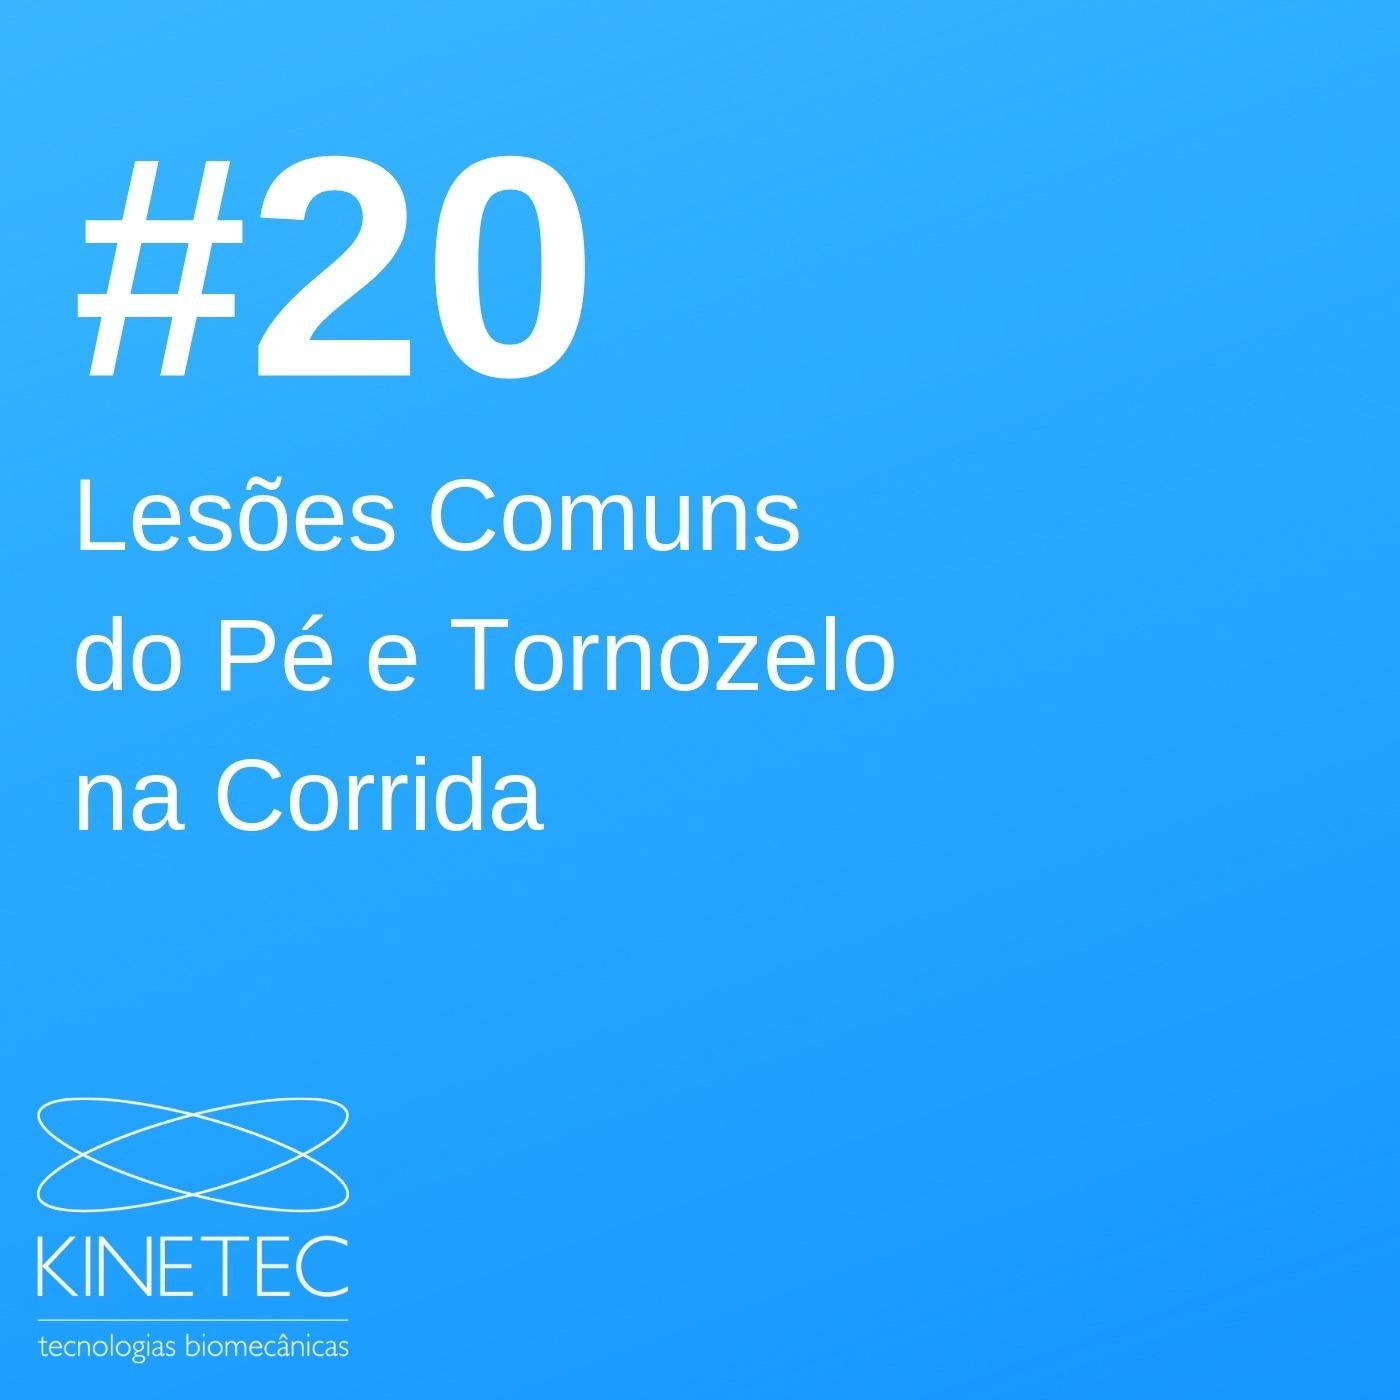 #020 Lesões Comuns do Pé e do Tornozelo na Corrida